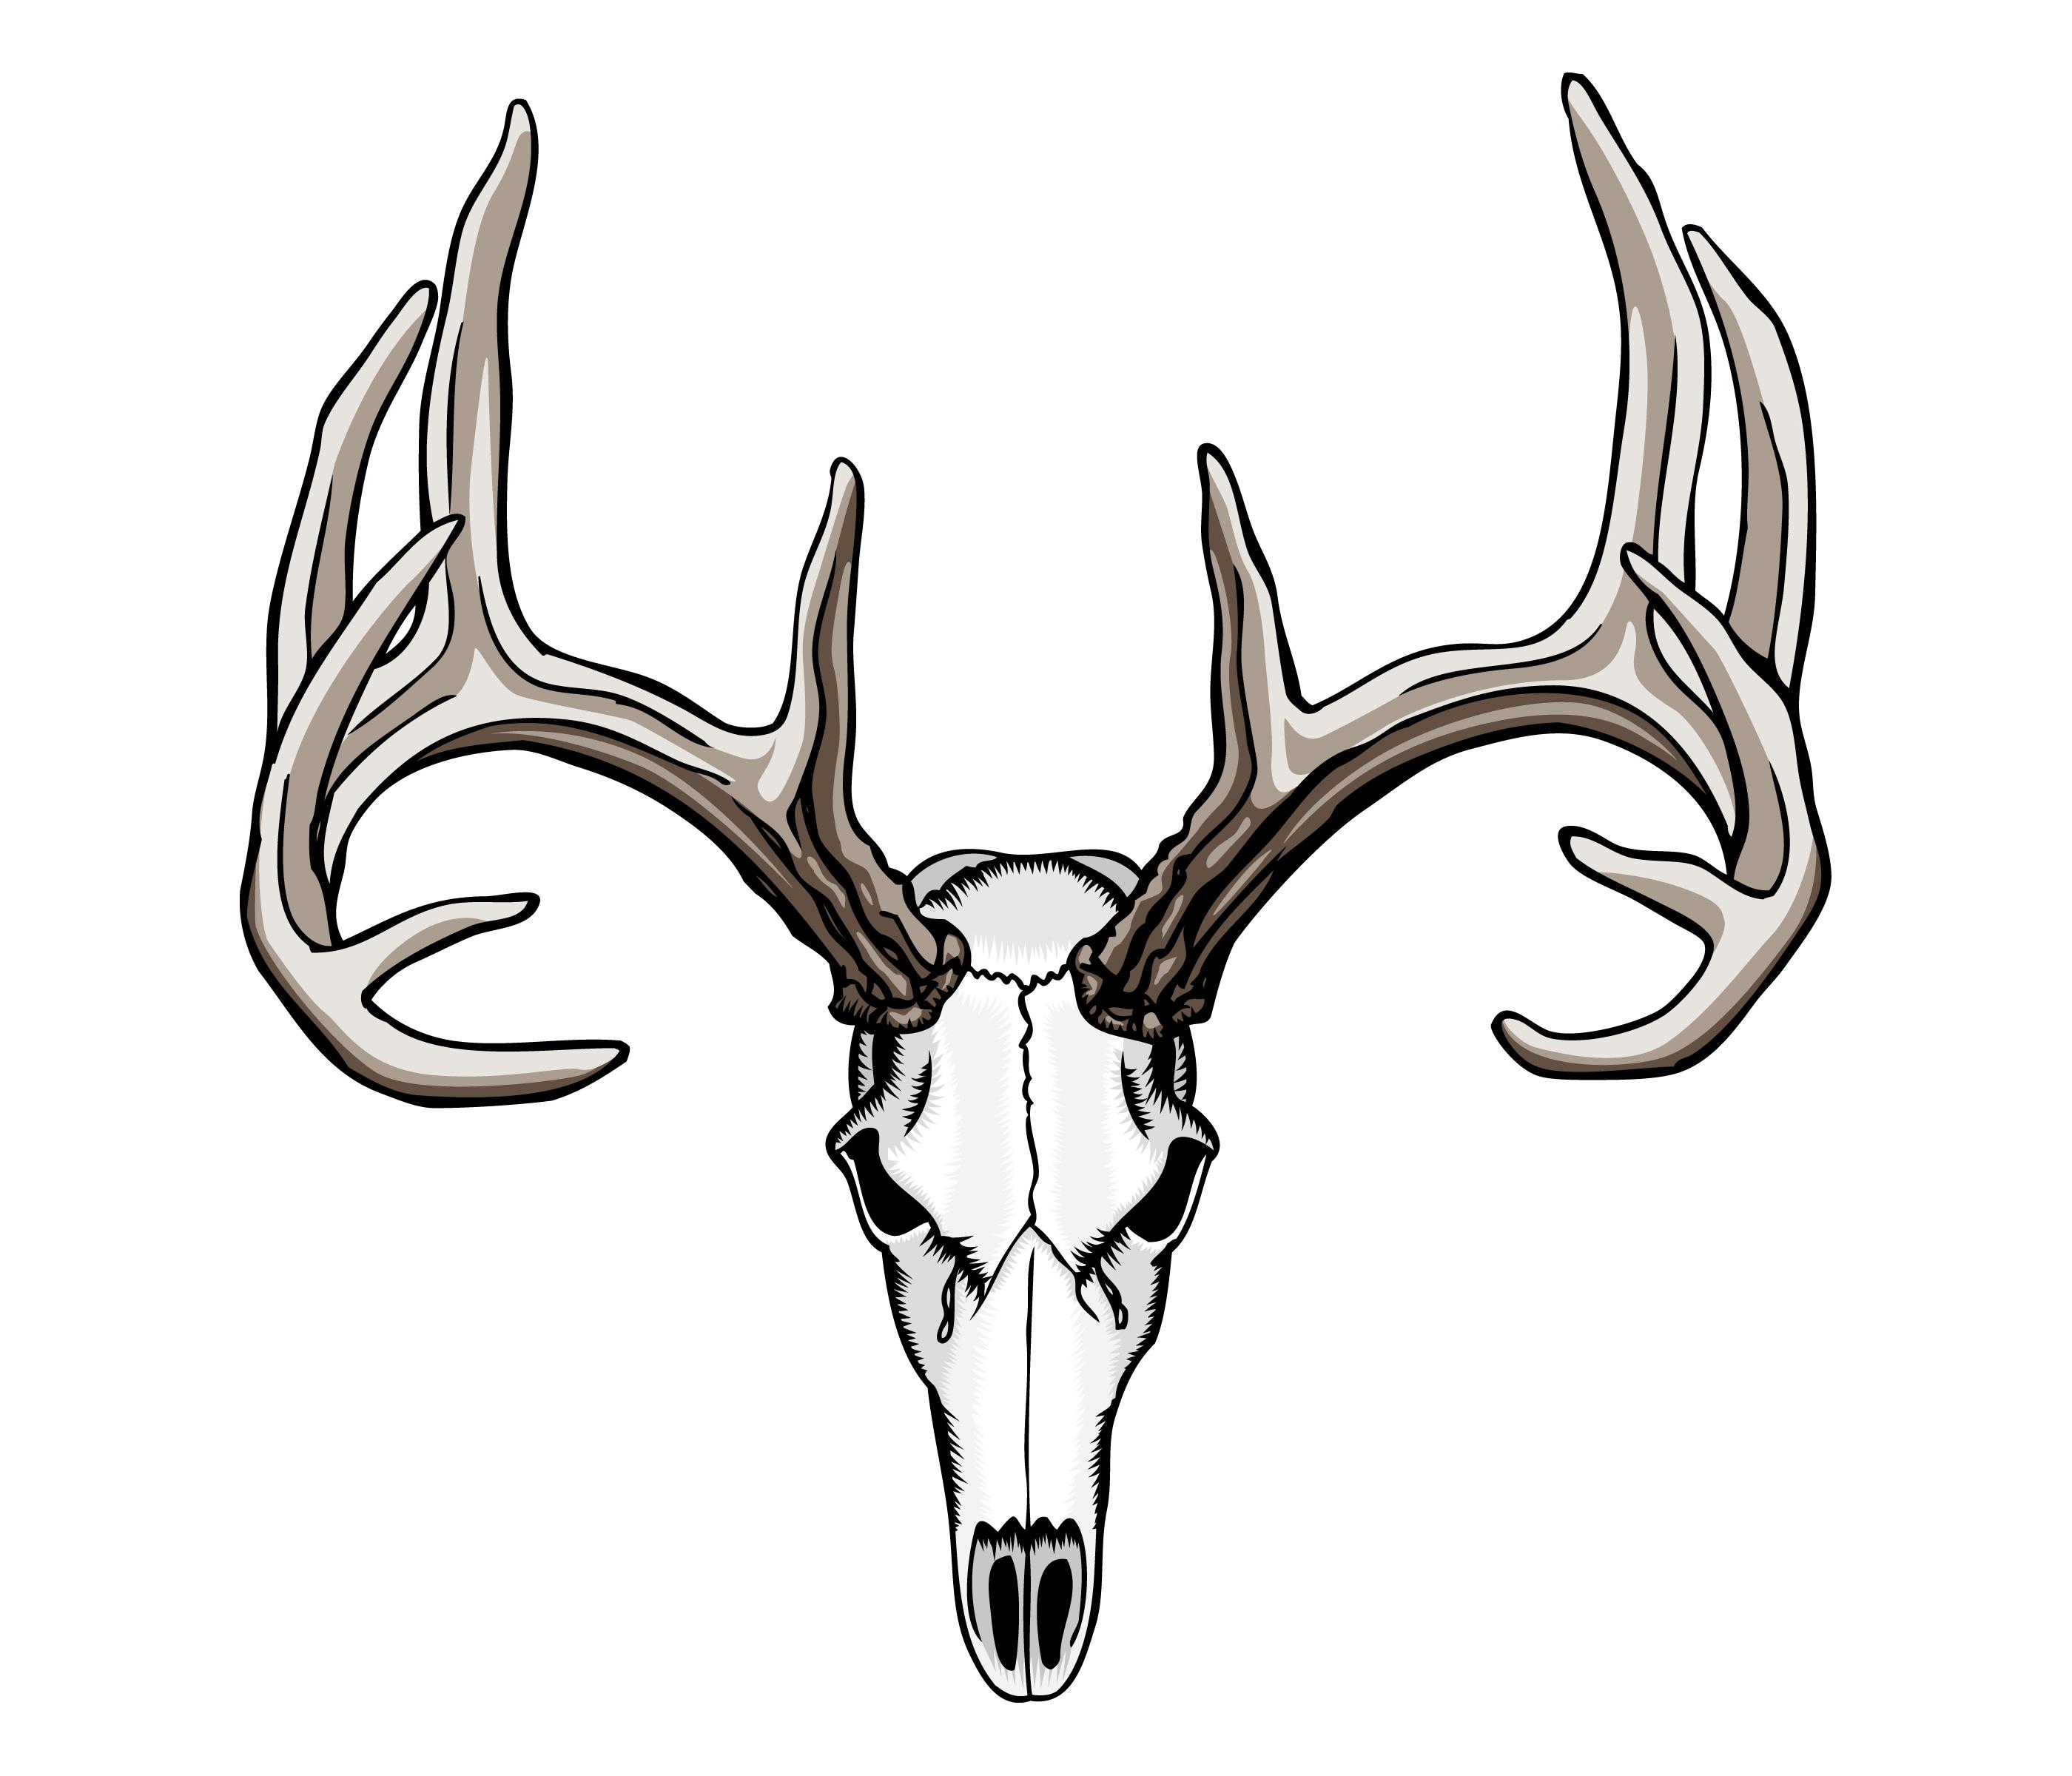 Deer Skull Drawing 21296 Whitetail Deer -Deer Skull Drawing 21296 Whitetail Deer Skull Tattoos Jpg-11